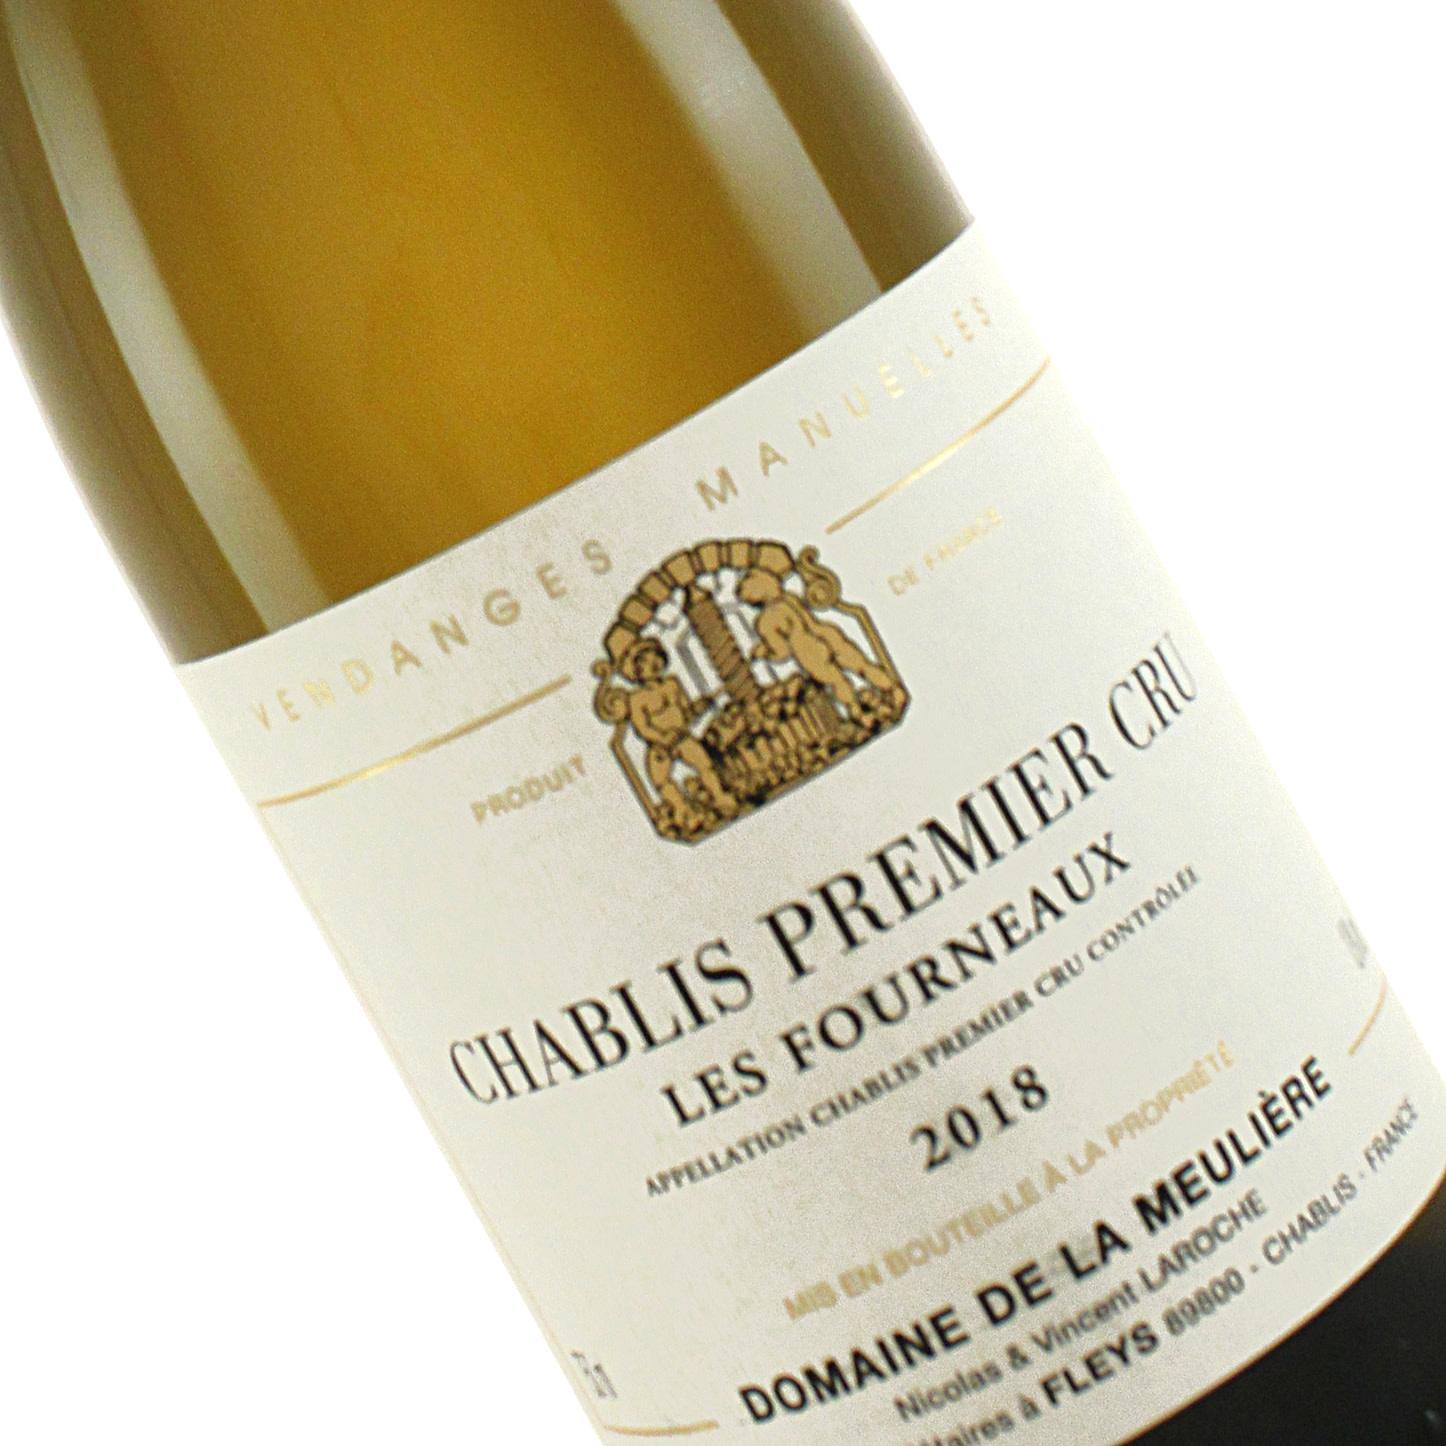 La Meuliere 2015 Chablis 1er Cru Les Fourneaux, Burgundy